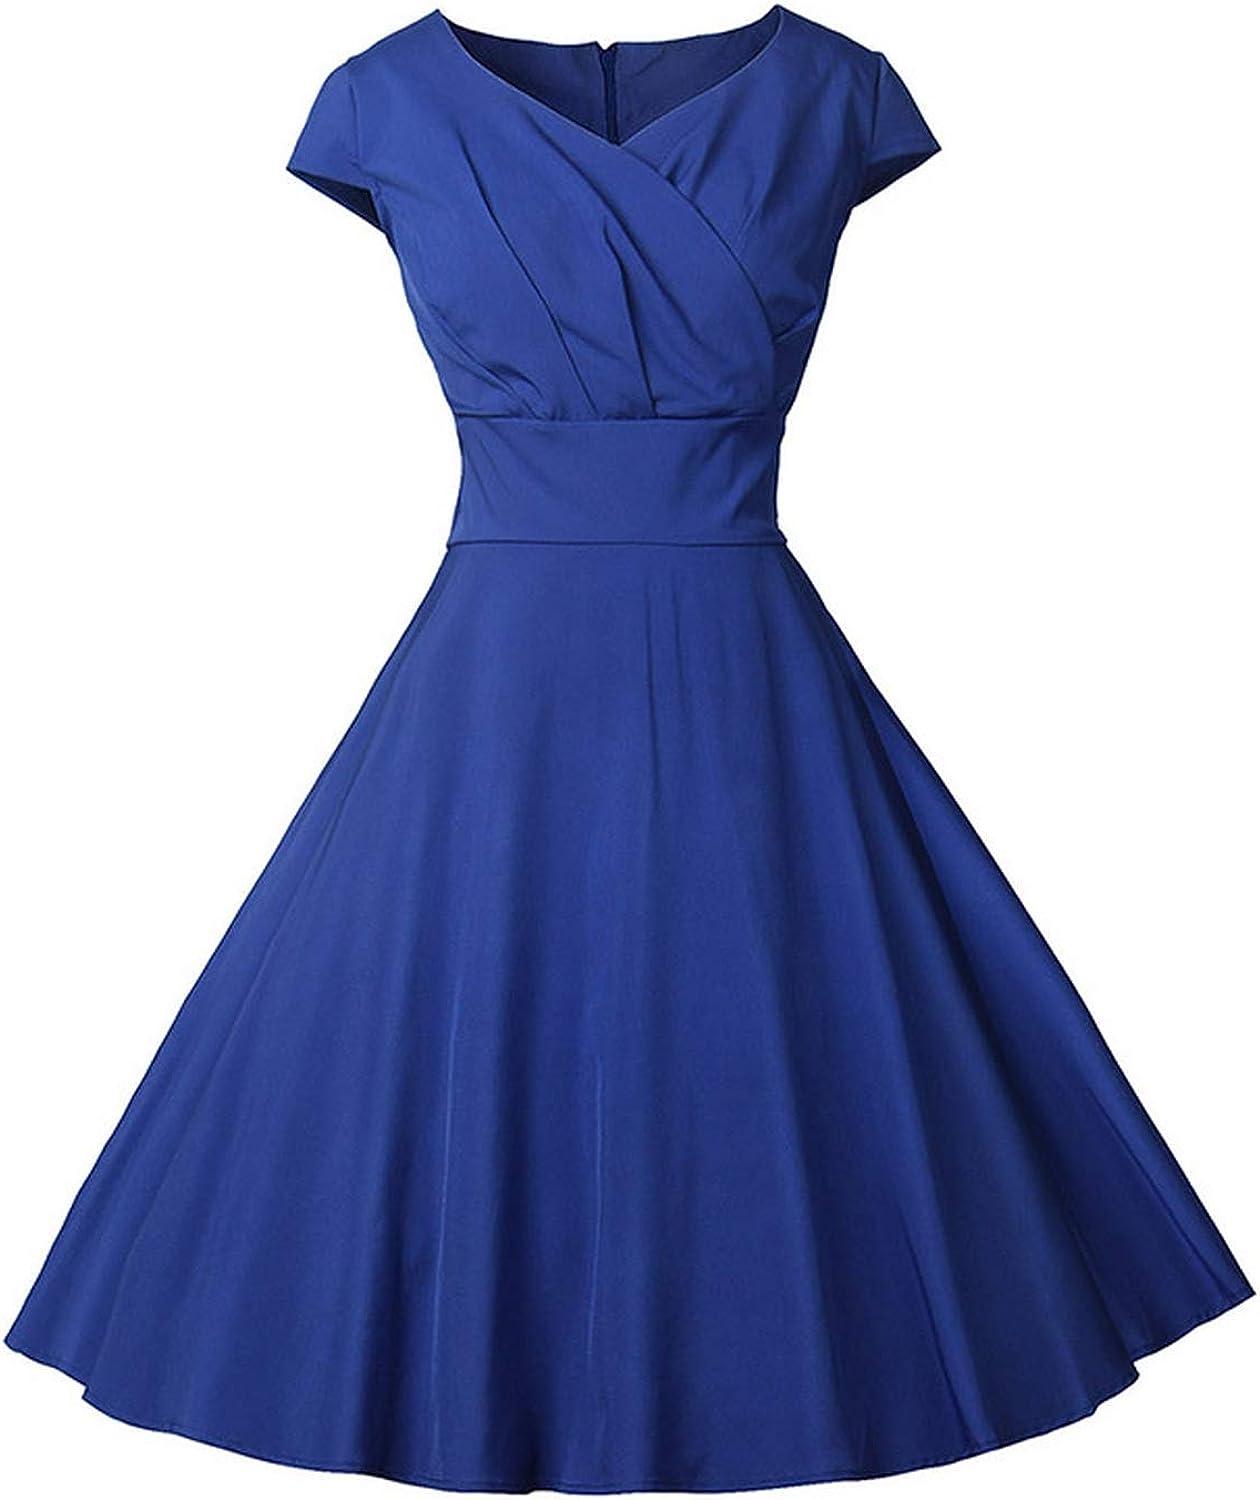 VNeck Print Dresses New ShortSleeved Dot Retro Dress Slim Ruffles Ball Gown Vintage Zipper